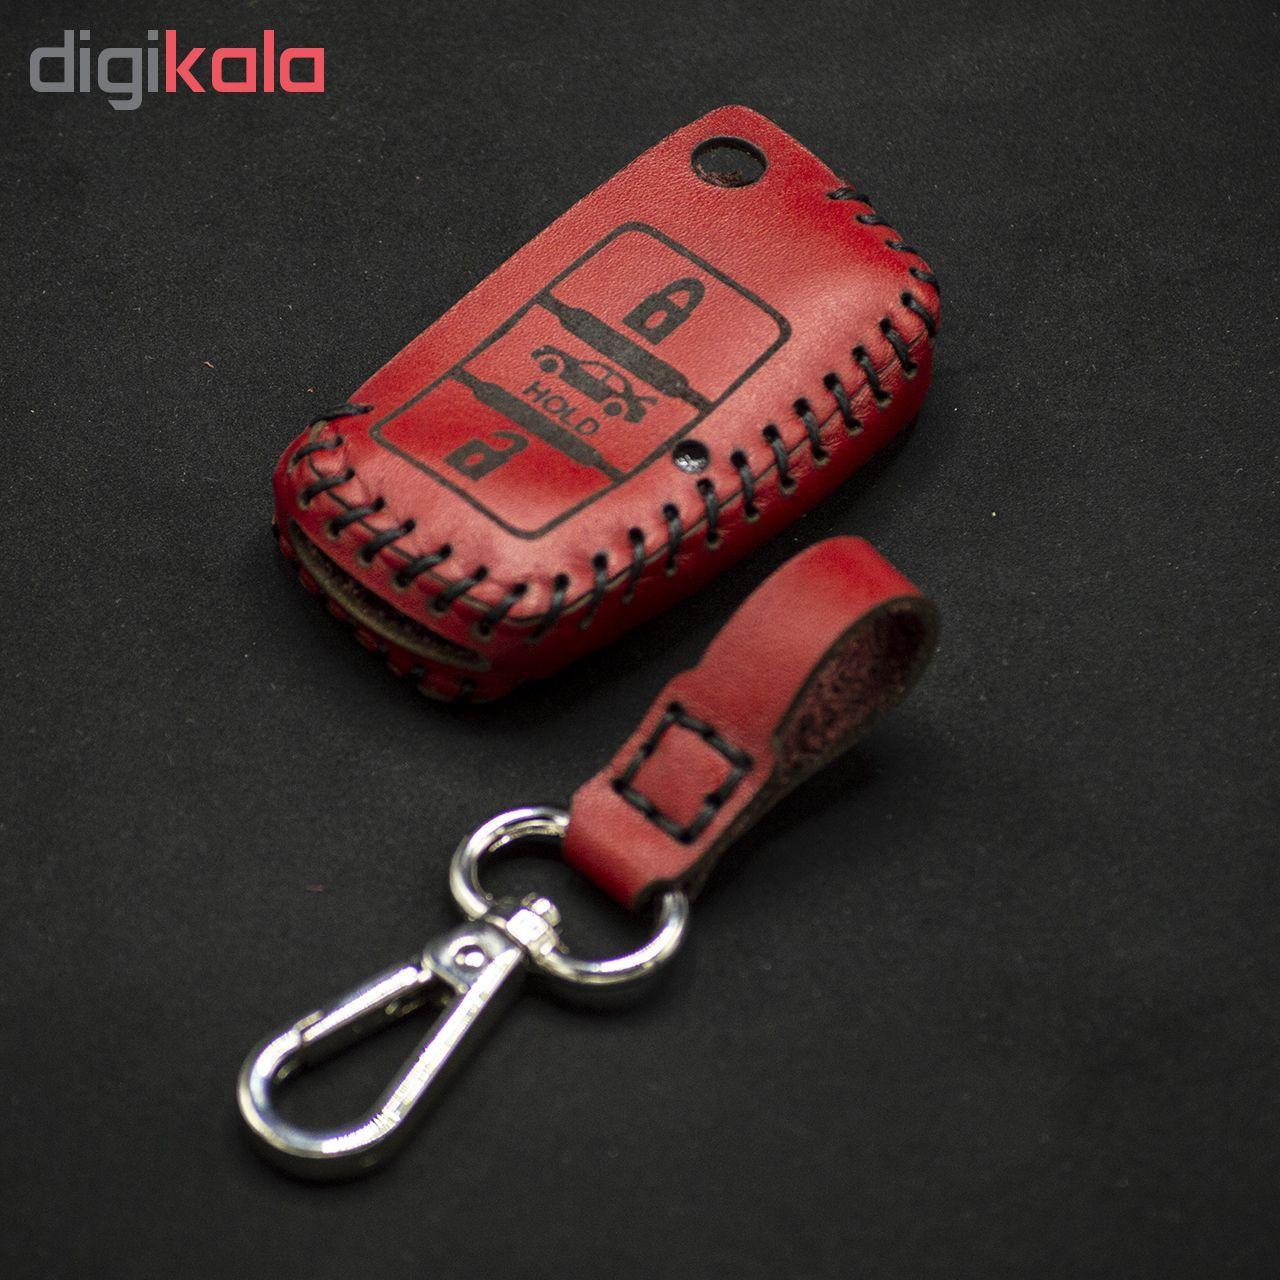 جاسوئیچی خودرو چرم طبیعی کد ct-074 مناسب برای سمند کلید تاشو (عرضه کالا) main 1 2